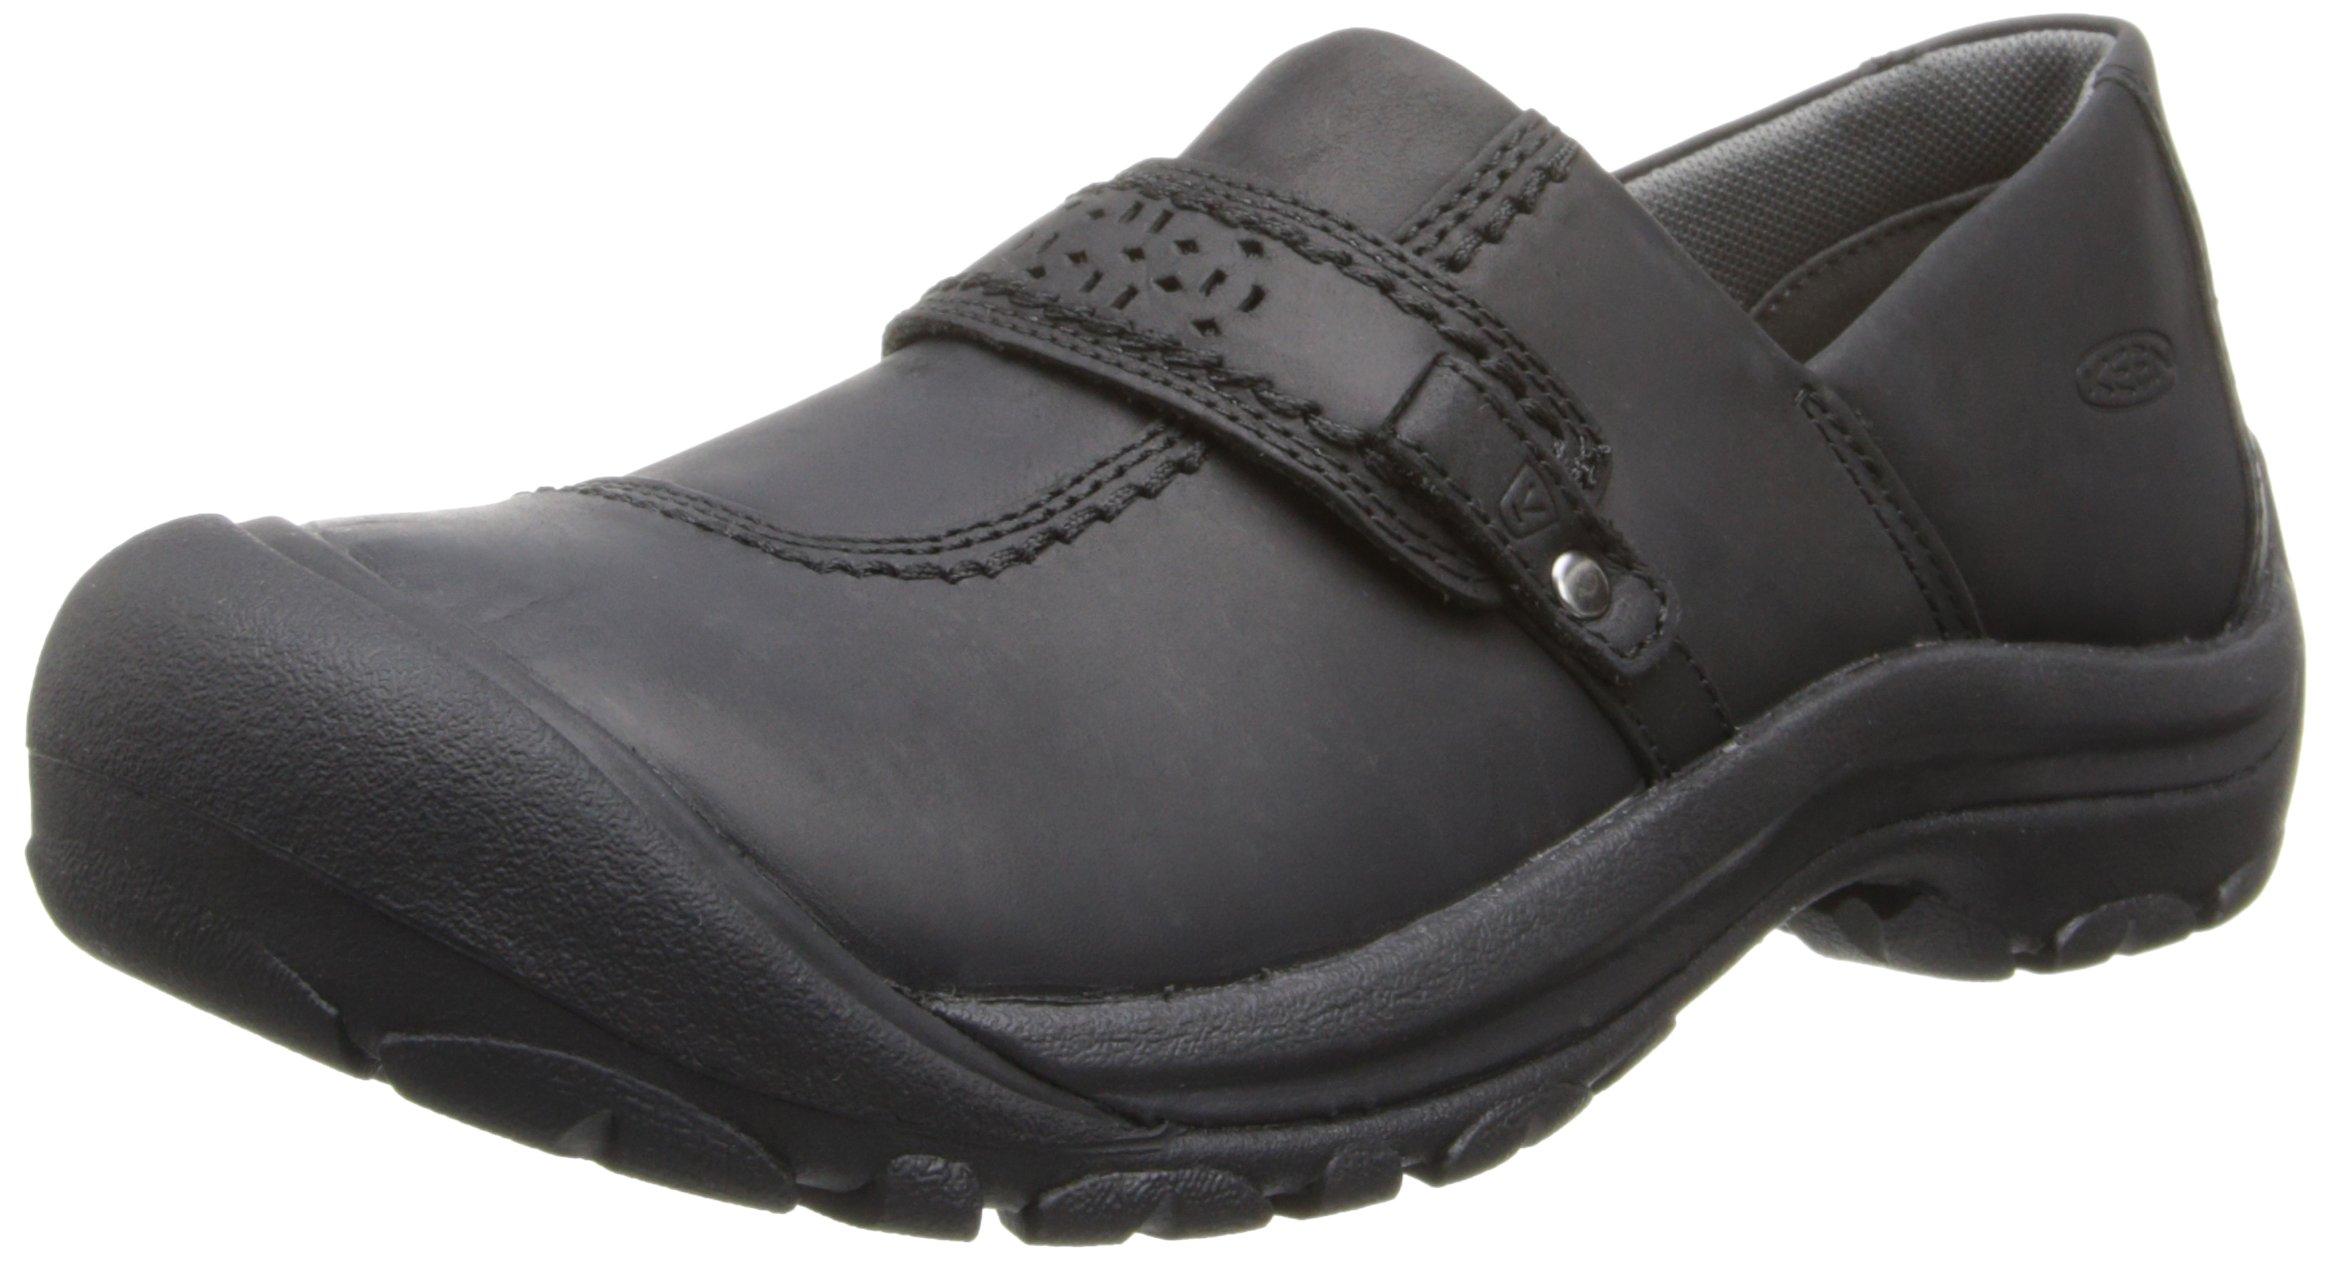 KEEN Women's Kaci Full Grain Slip-On Shoe,Black,10 M US